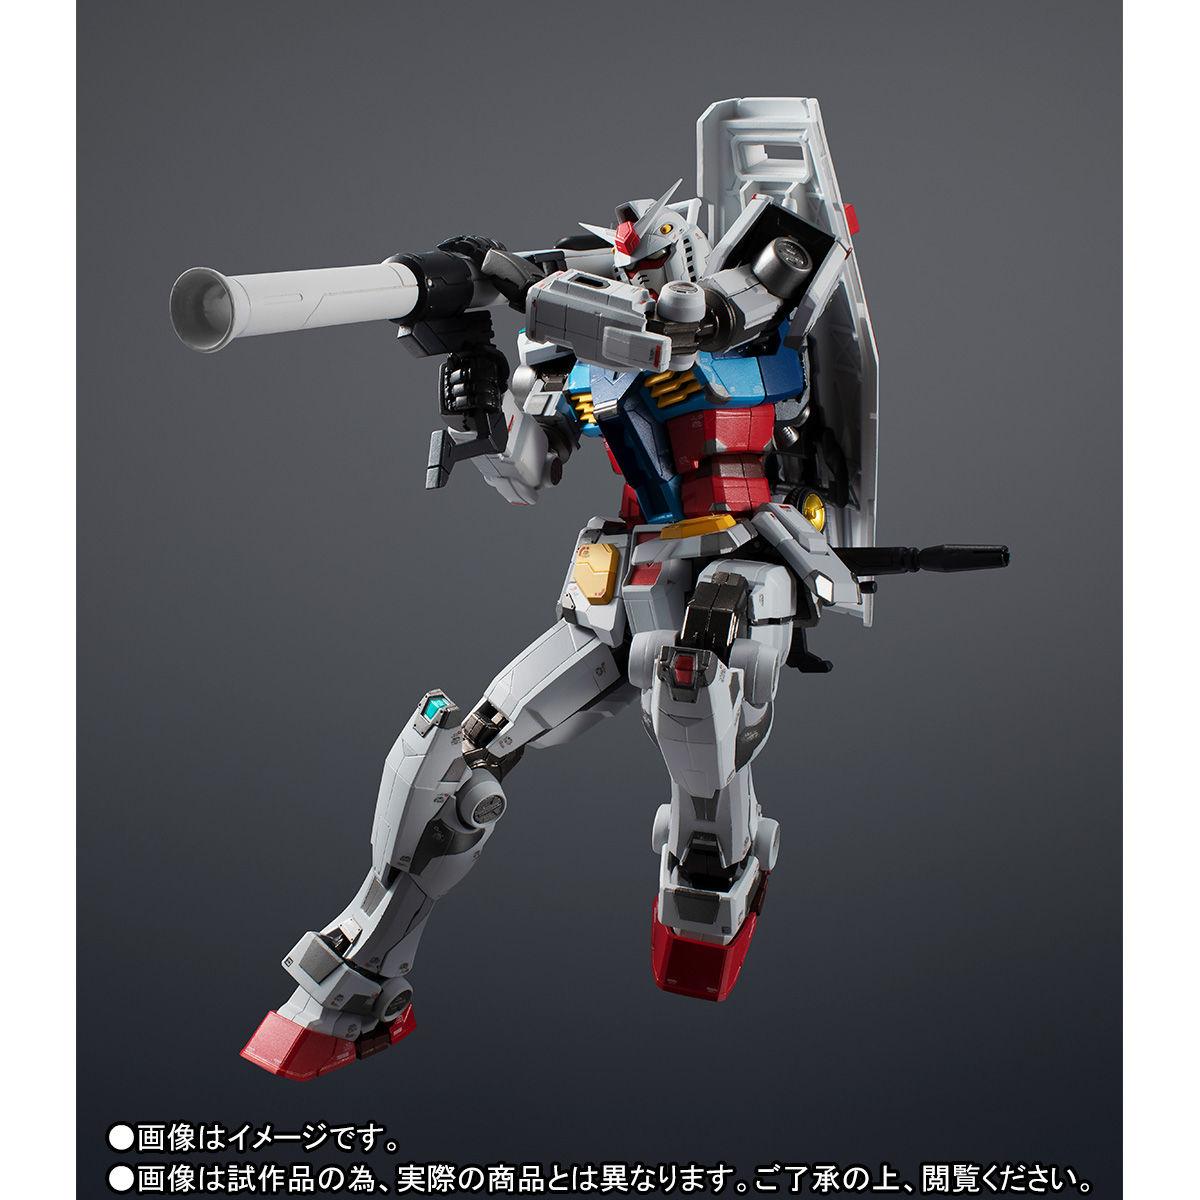 【限定販売】超合金×GUNDAM FACTORY YOKOHAMA『RX-78F00 GUNDAM』可動フィギュア-006